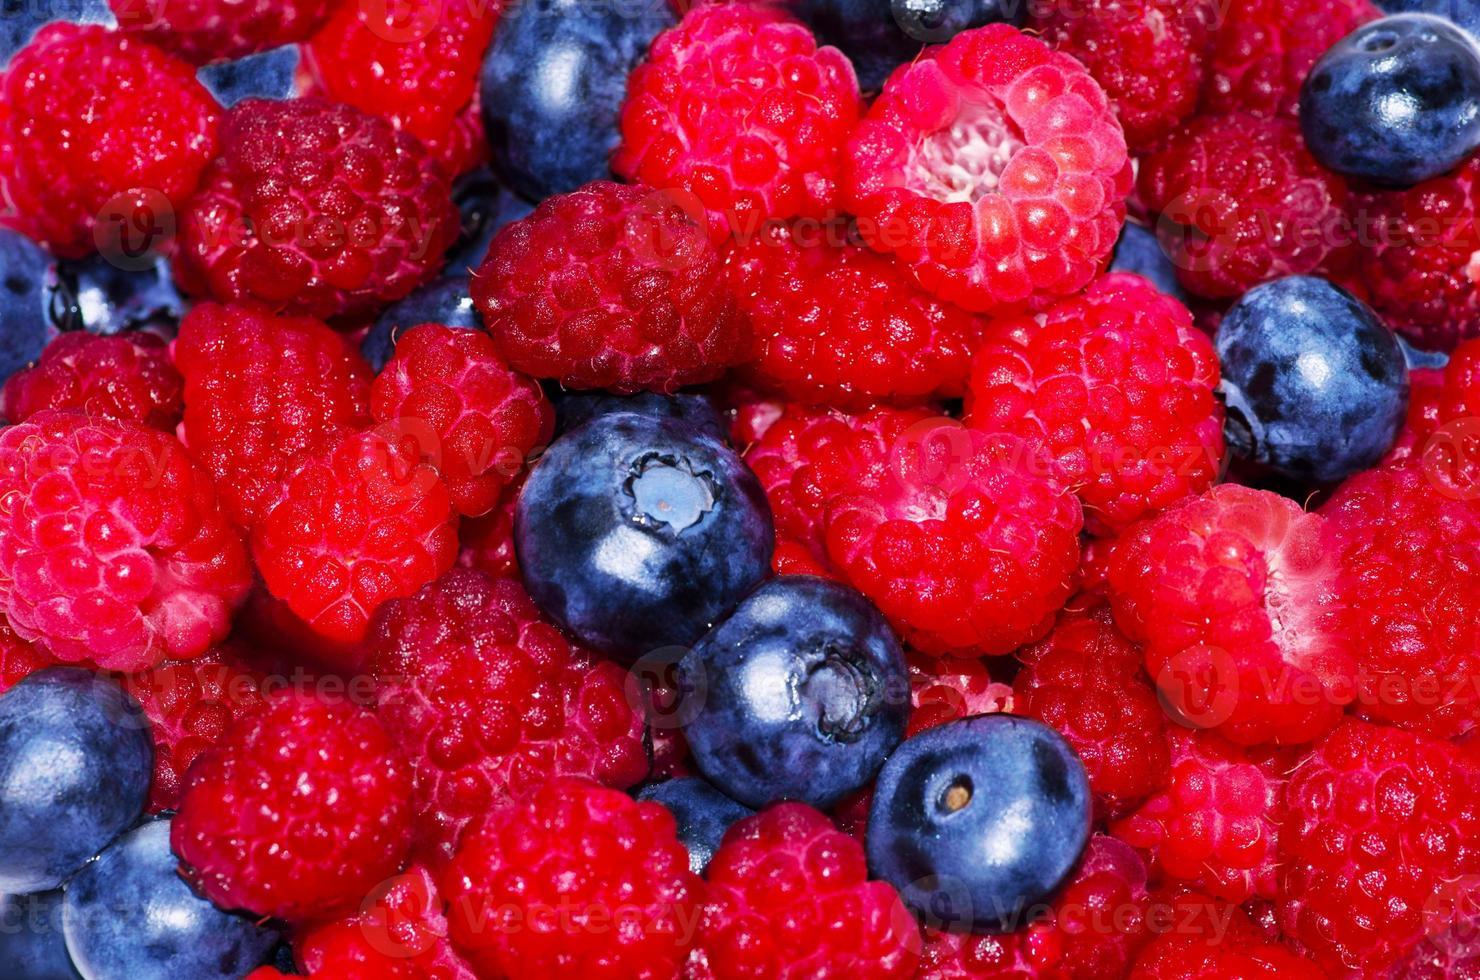 delicious fresh berries photo